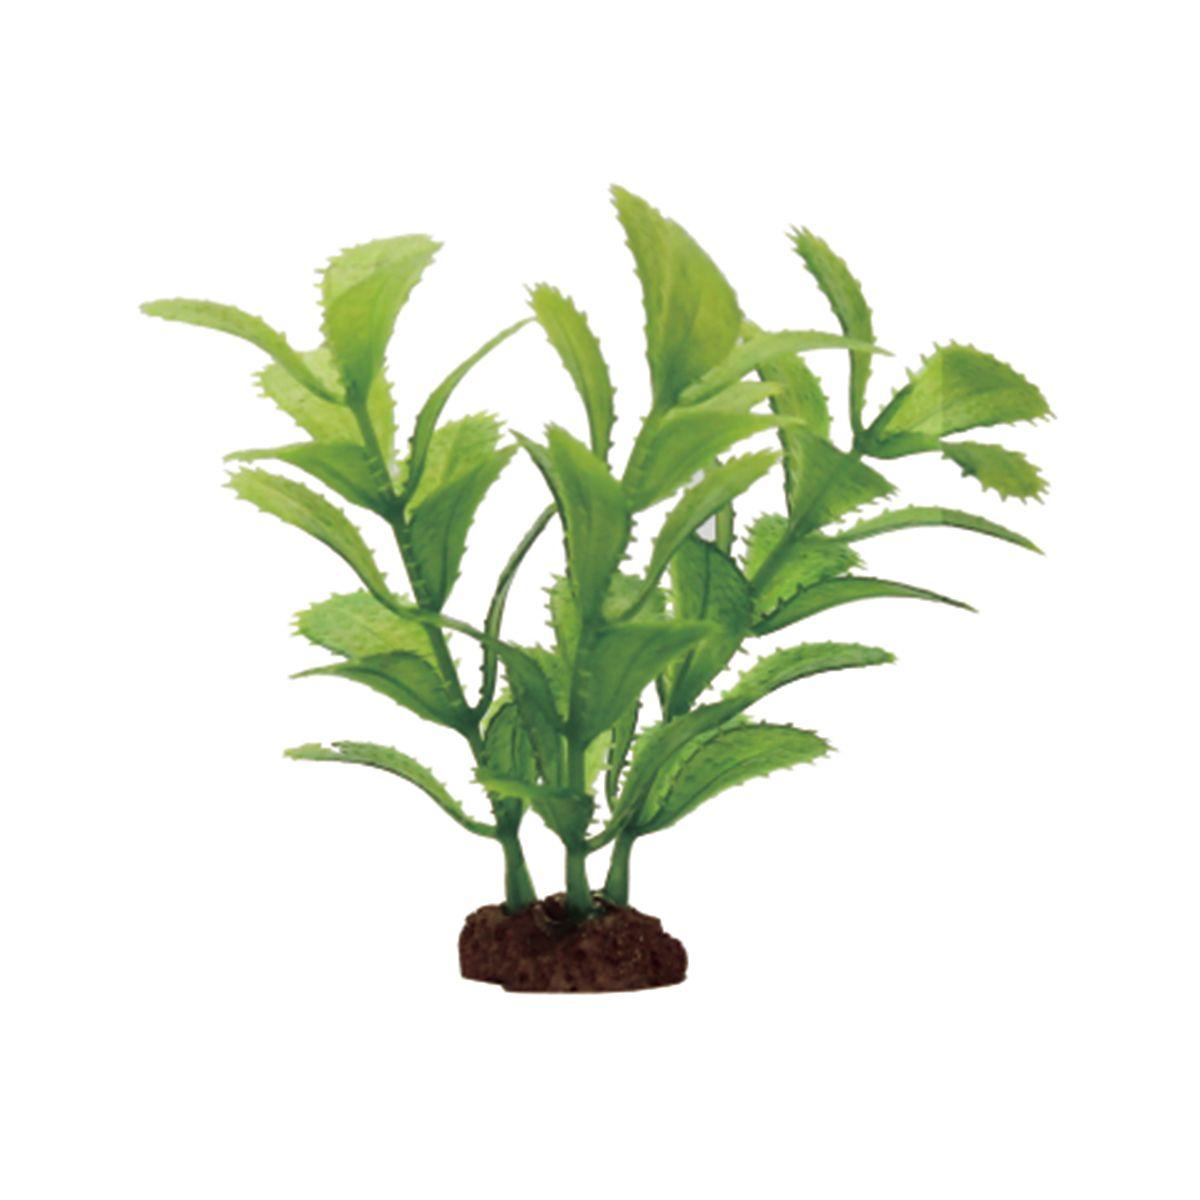 Растение для аквариума ArtUniq Прозерпинака, высота 10 см, 6 штART-1170502Растение для аквариума ArtUniq Прозерпинака, высота 10 см, 6 шт